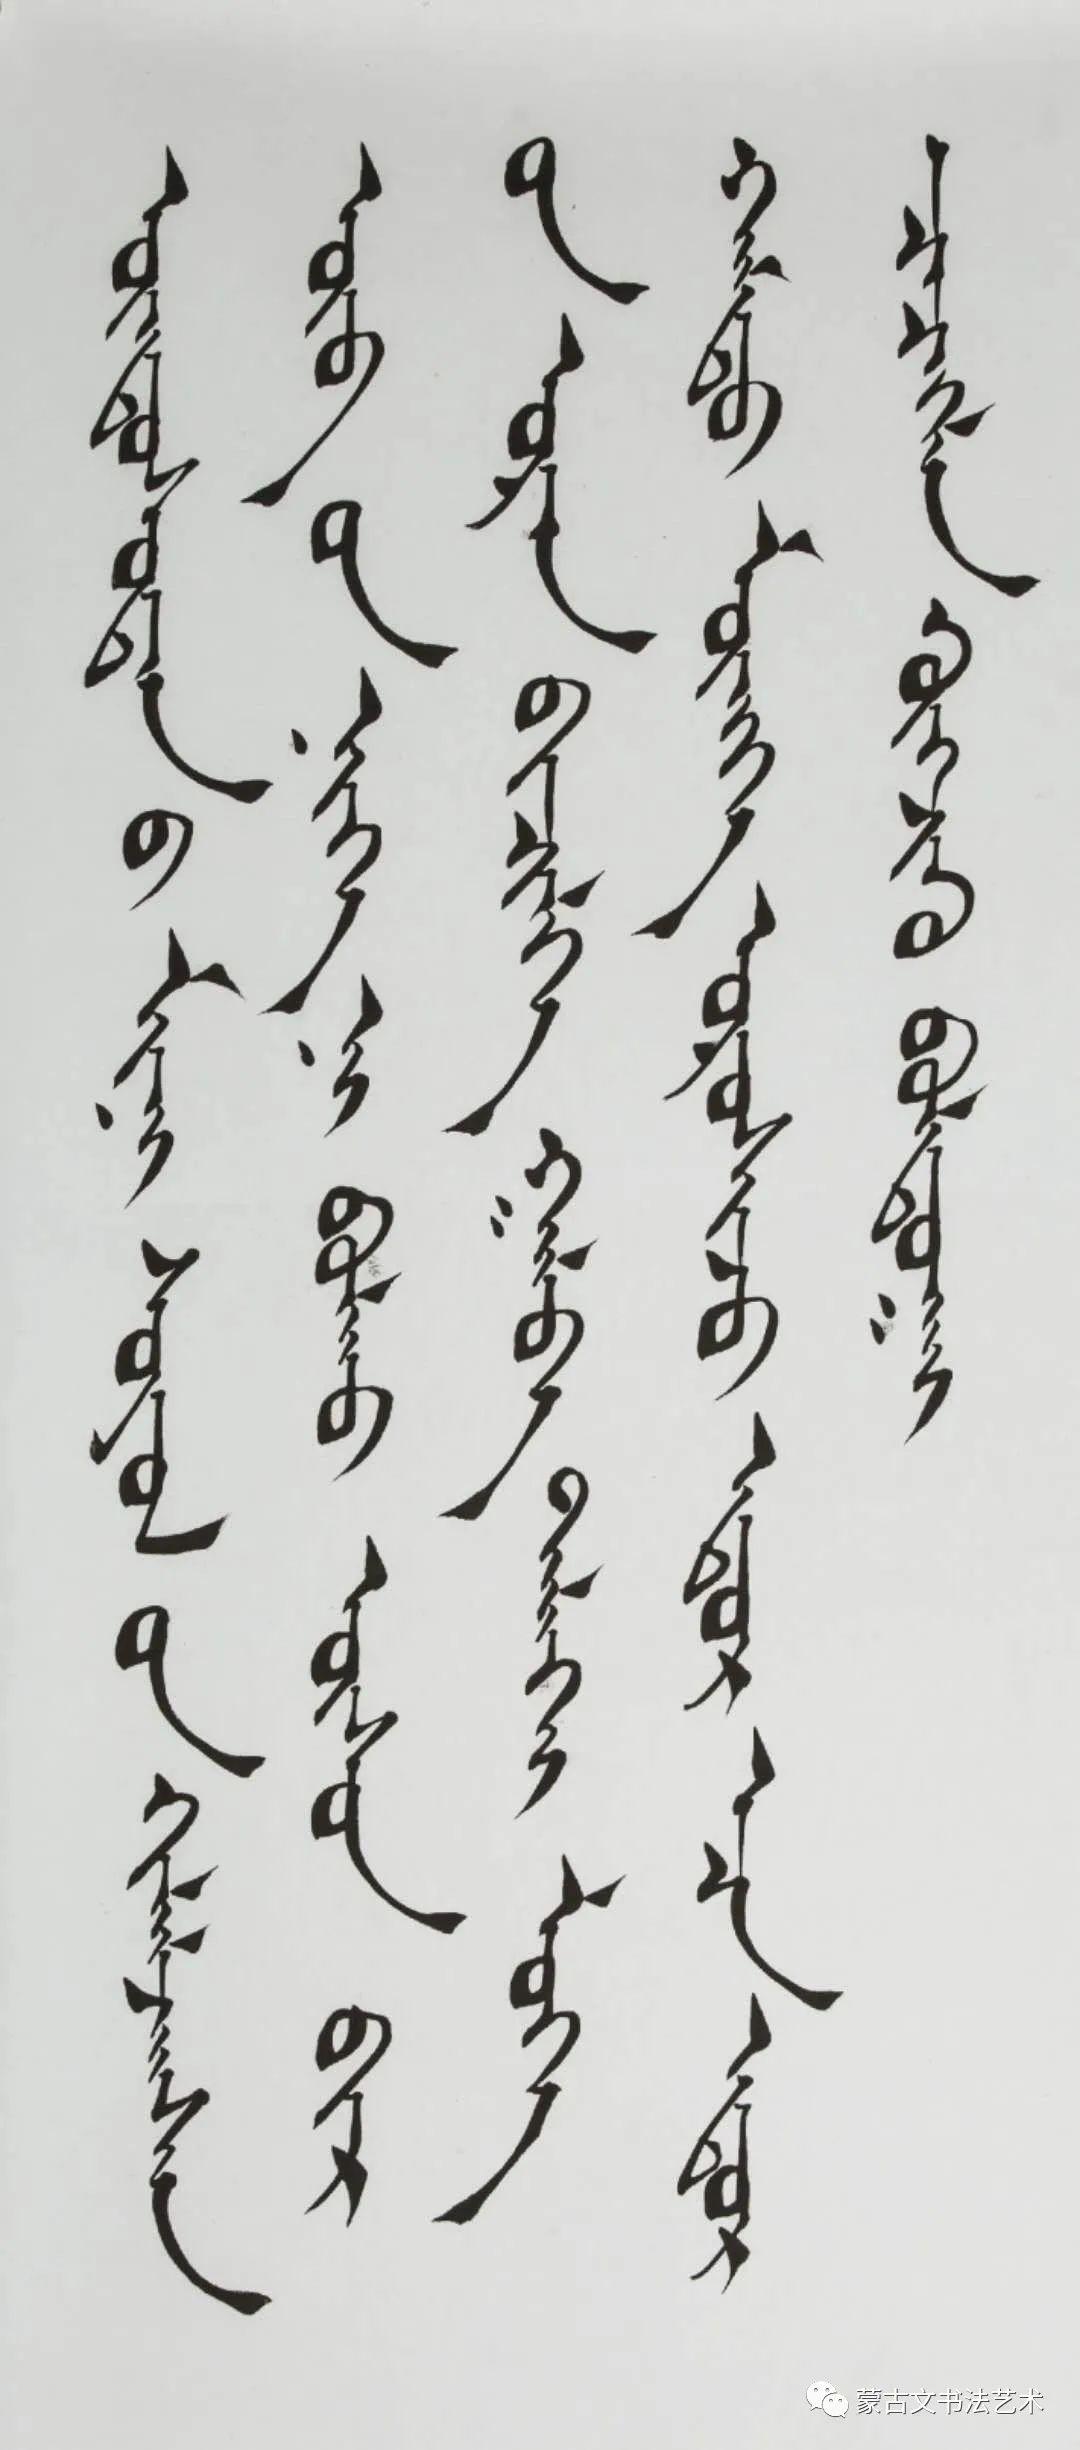 毕力格图出新书了《蒙古文书法字帖》 第12张 毕力格图出新书了《蒙古文书法字帖》 蒙古书法